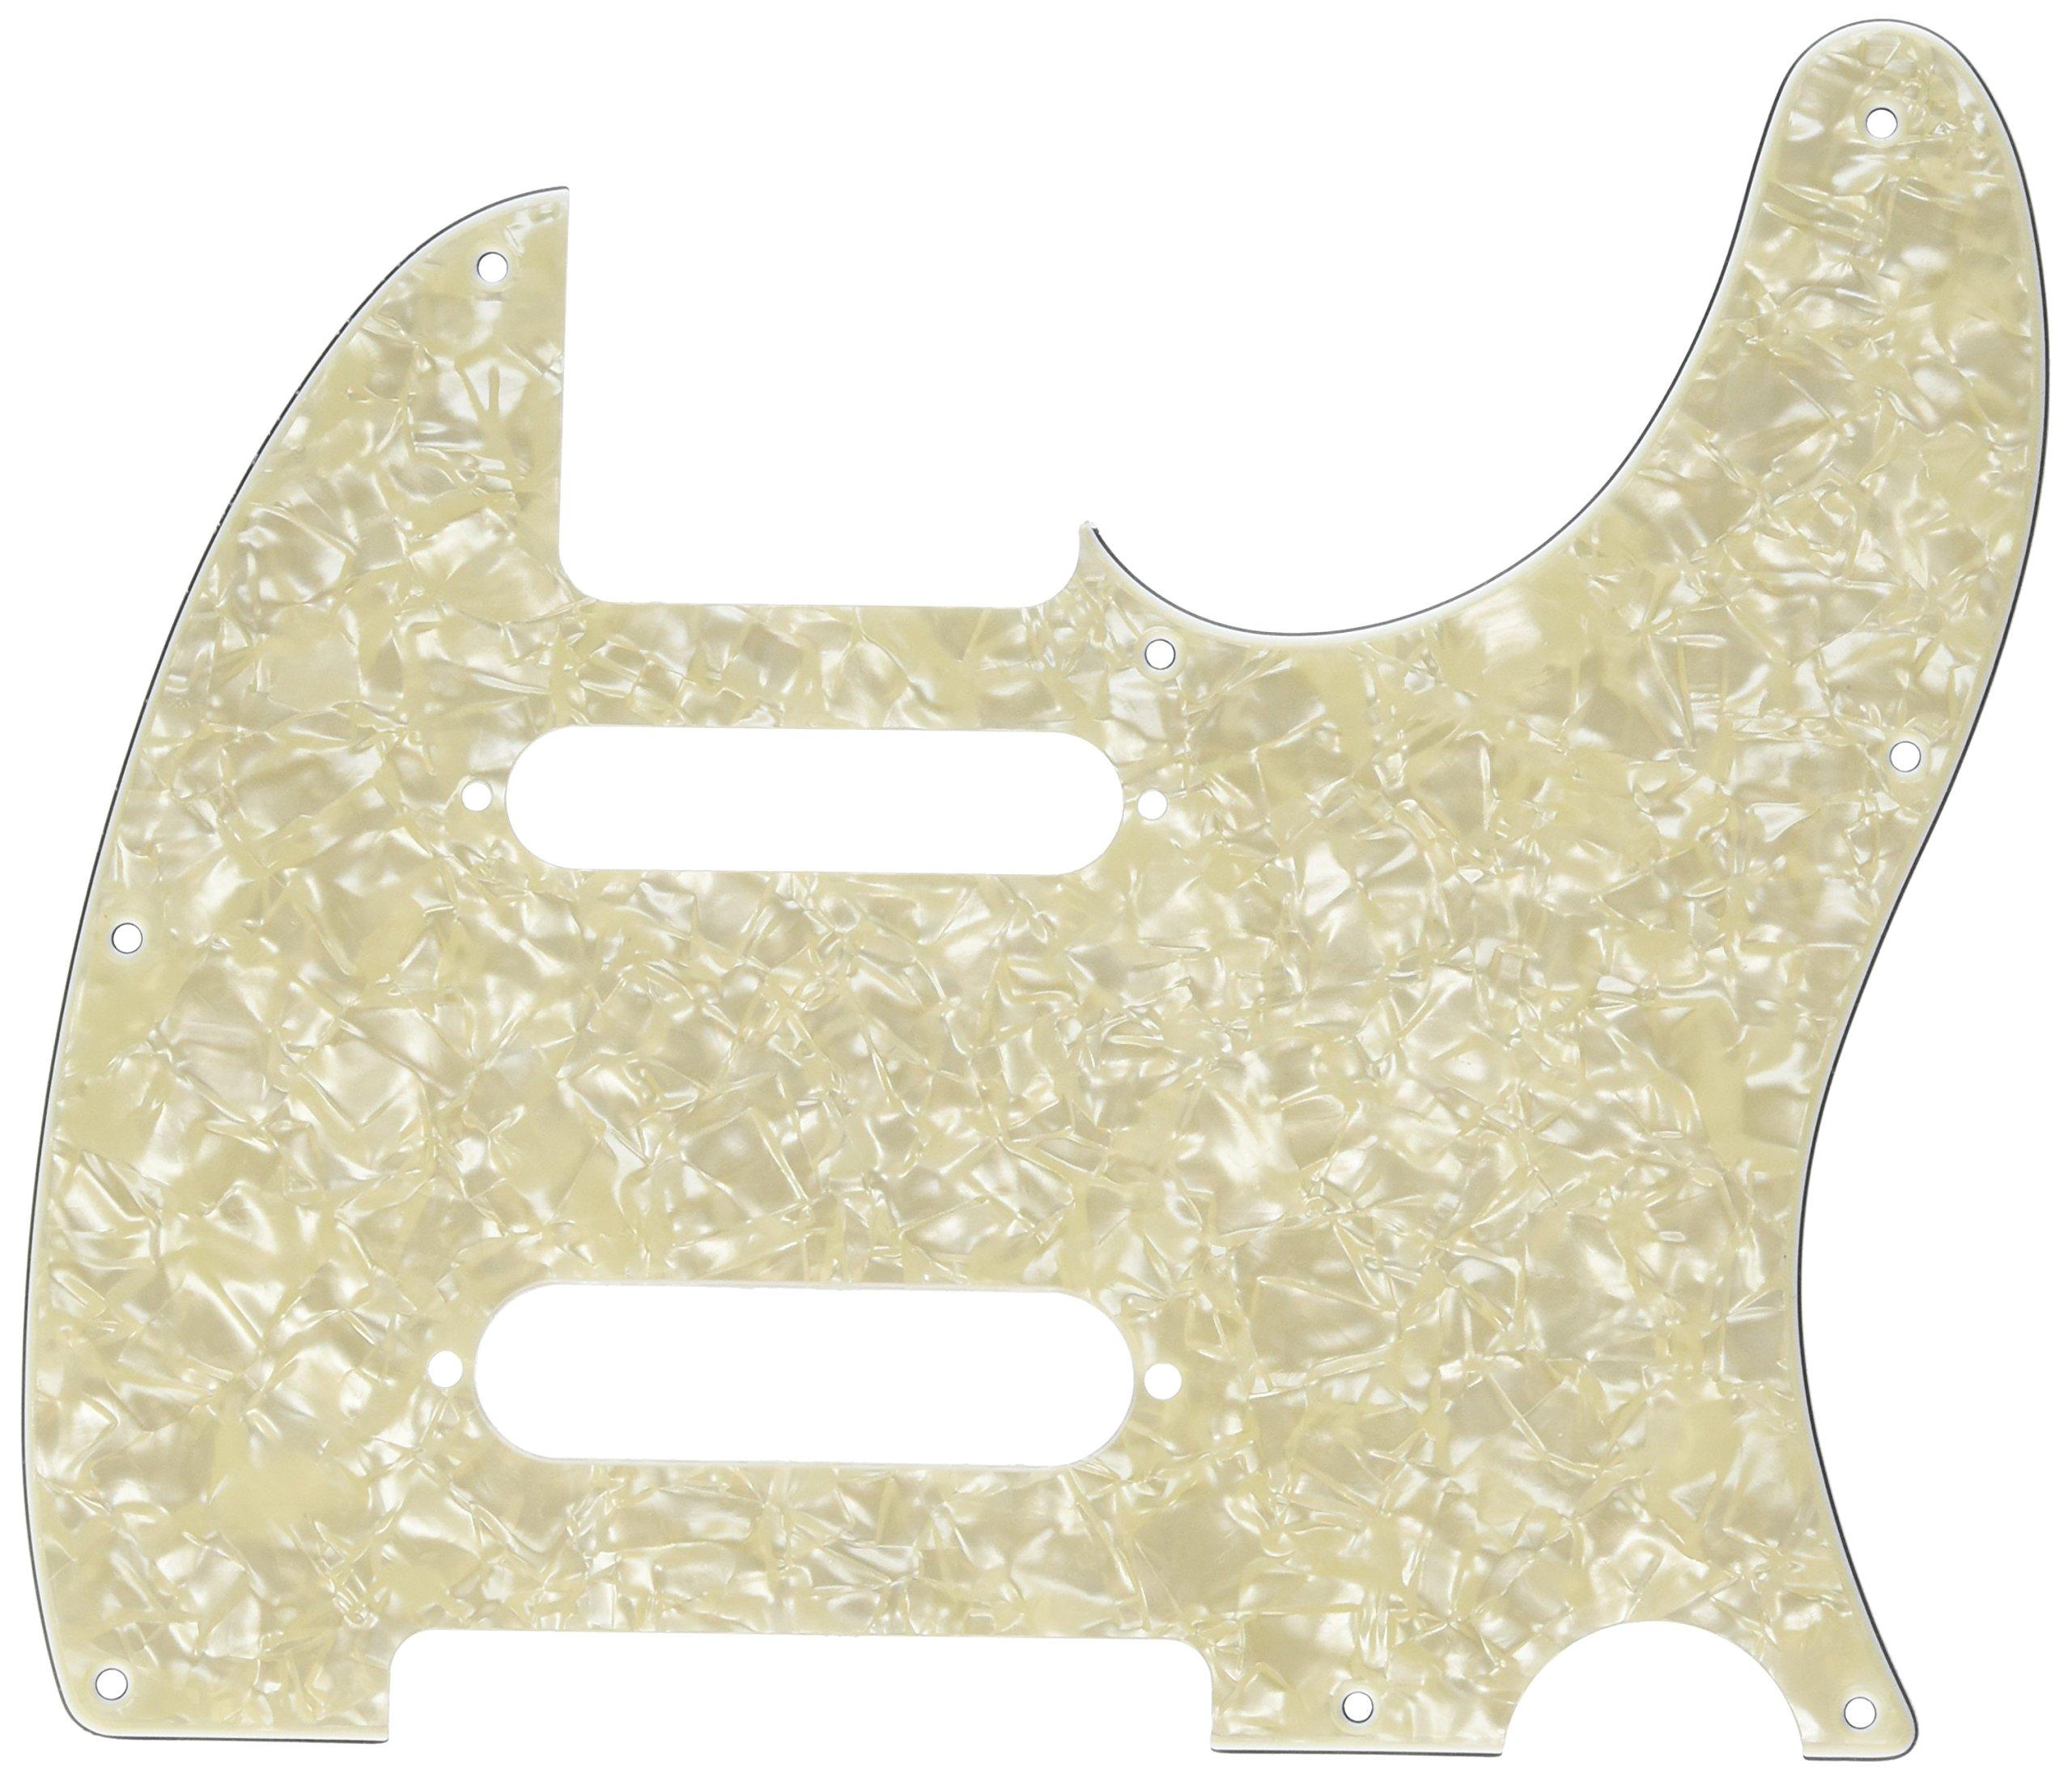 Fender Modern Pickguard, Deluxe Nashville Telecaster, 8-Hole - White Moto